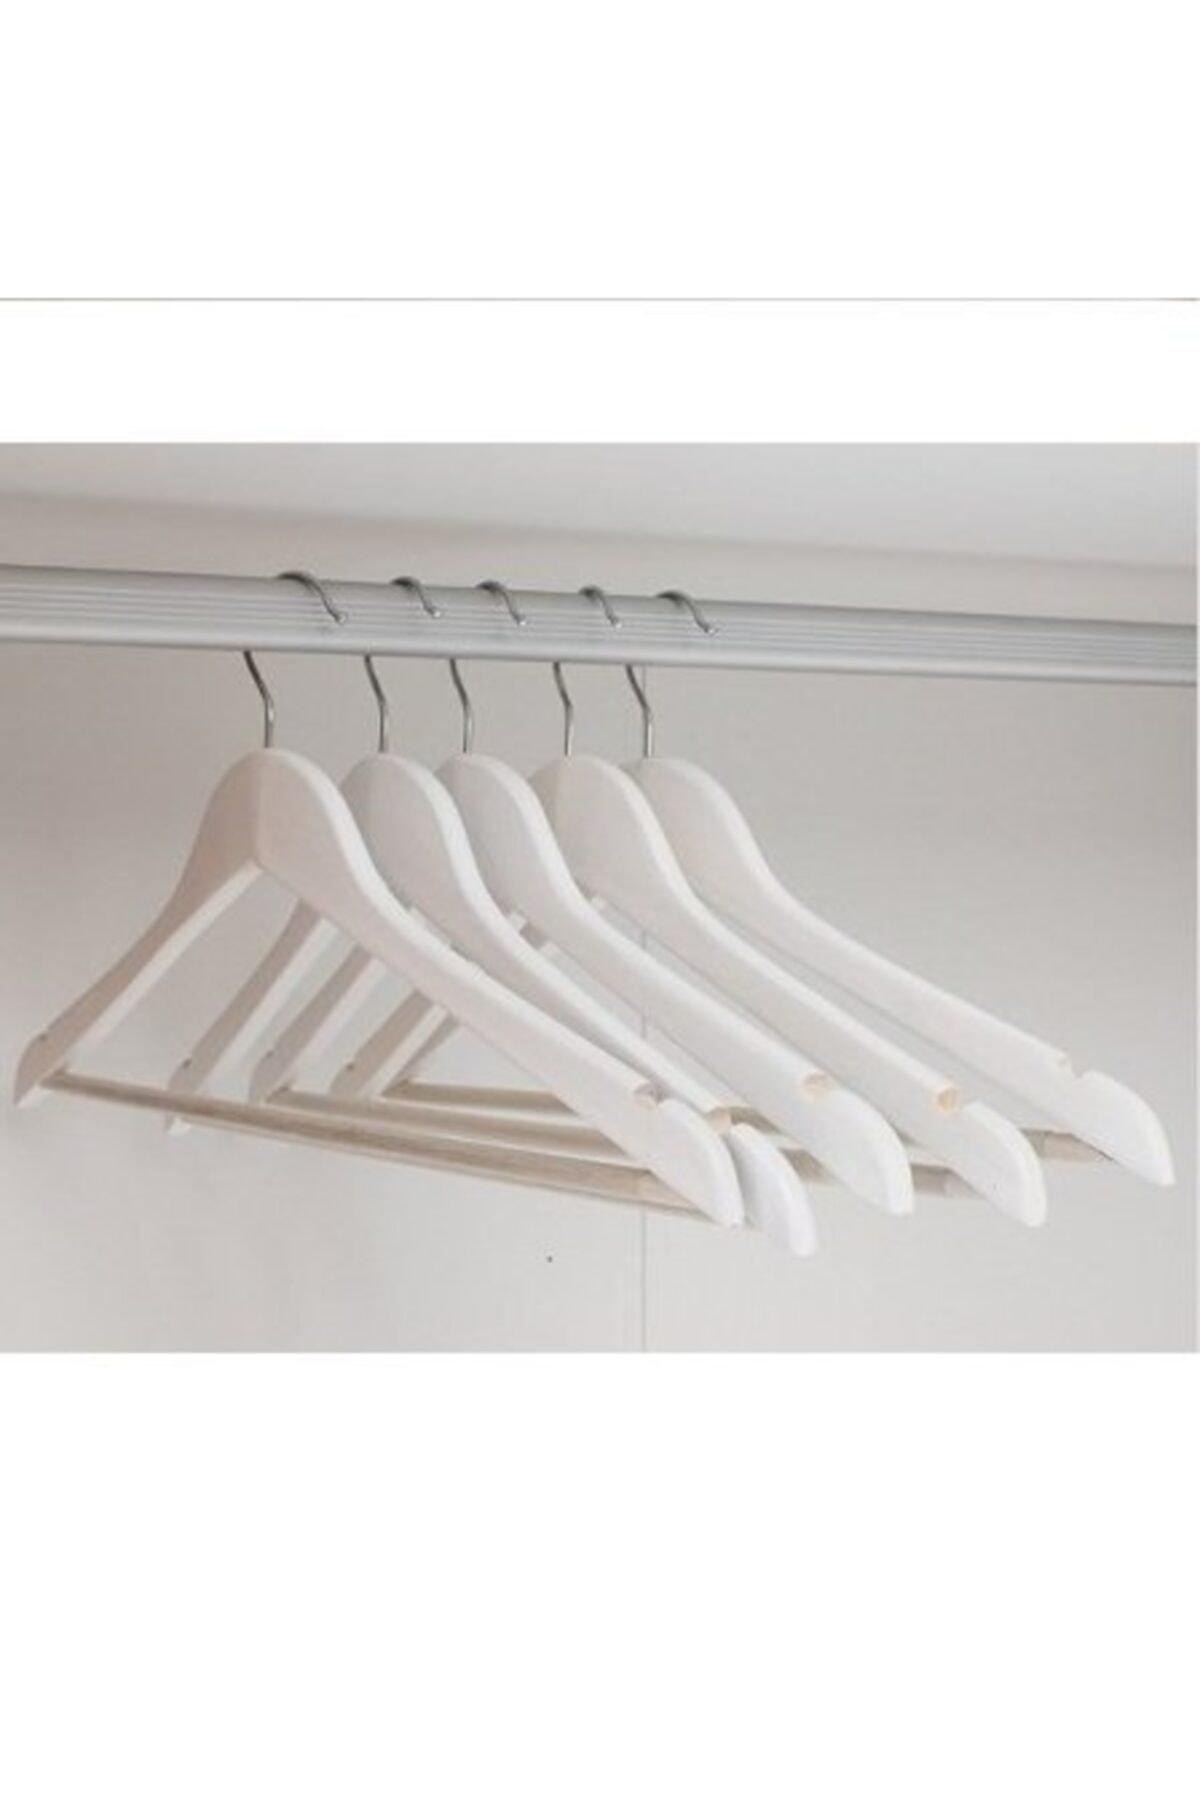 KARİN EV 12 Adet Ahşap Görünümlü Plastik A Kalite Askı, Kıyafet Ve Elbise Askısı Beyaz 2